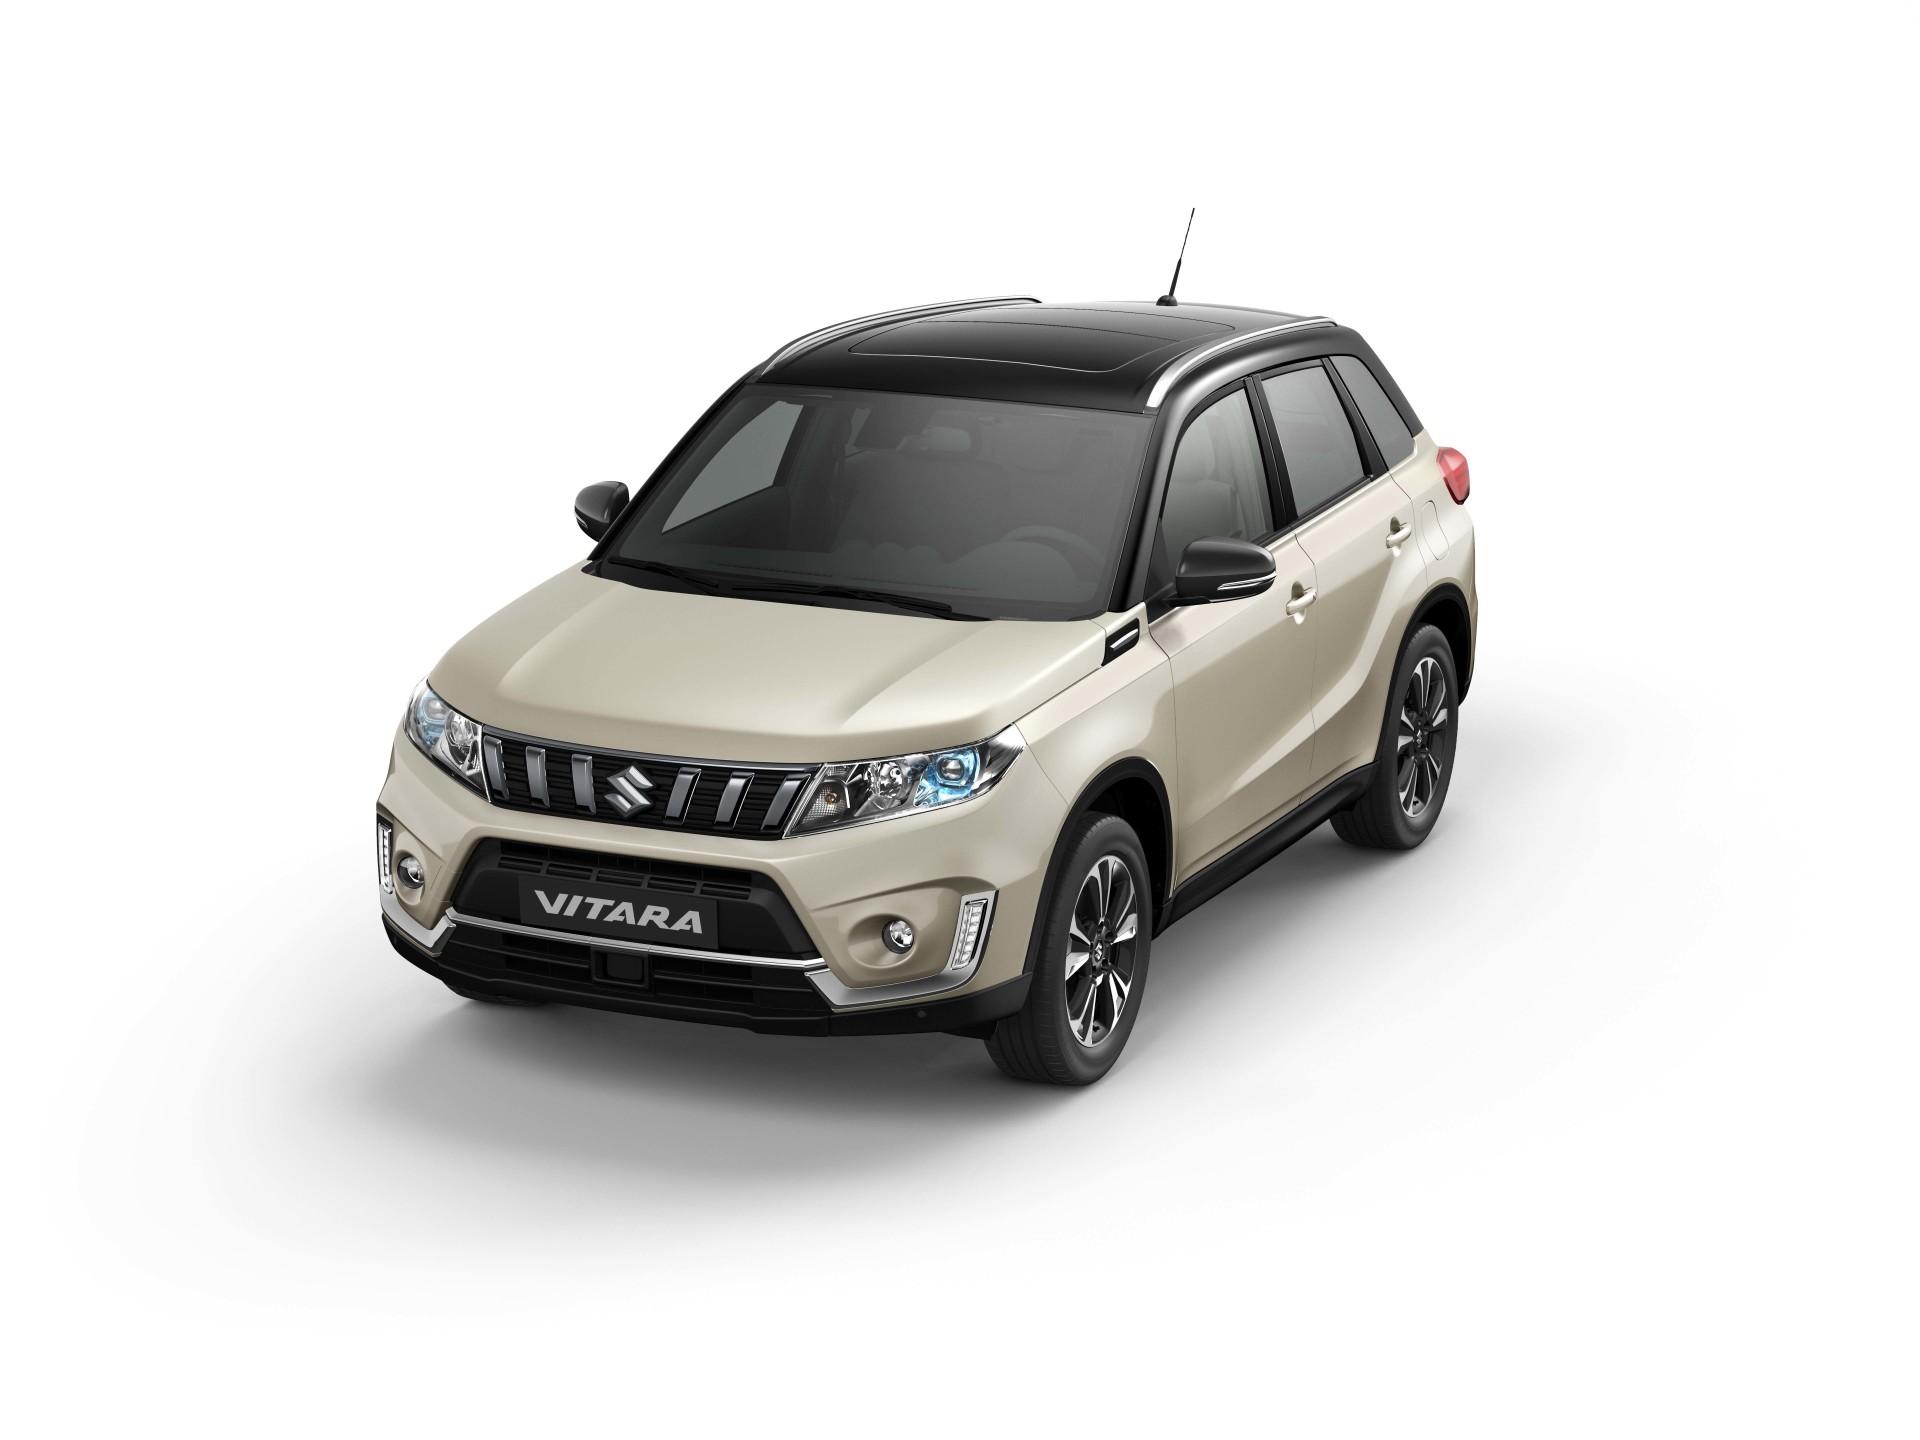 Suzuki Vitara 2018 502 1